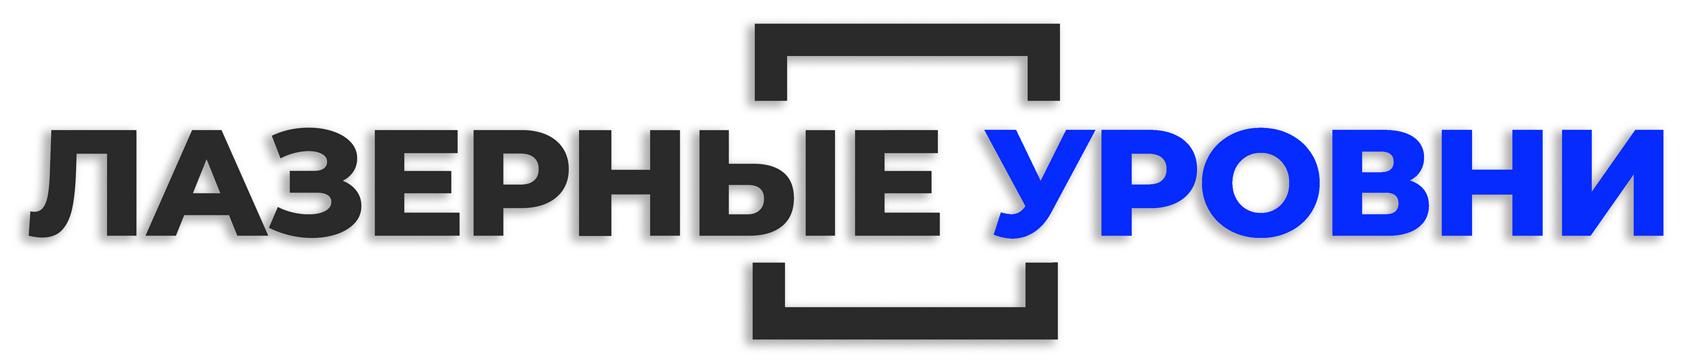 Интернет-магазин лазерных уровней и аккумуляторного инструмента